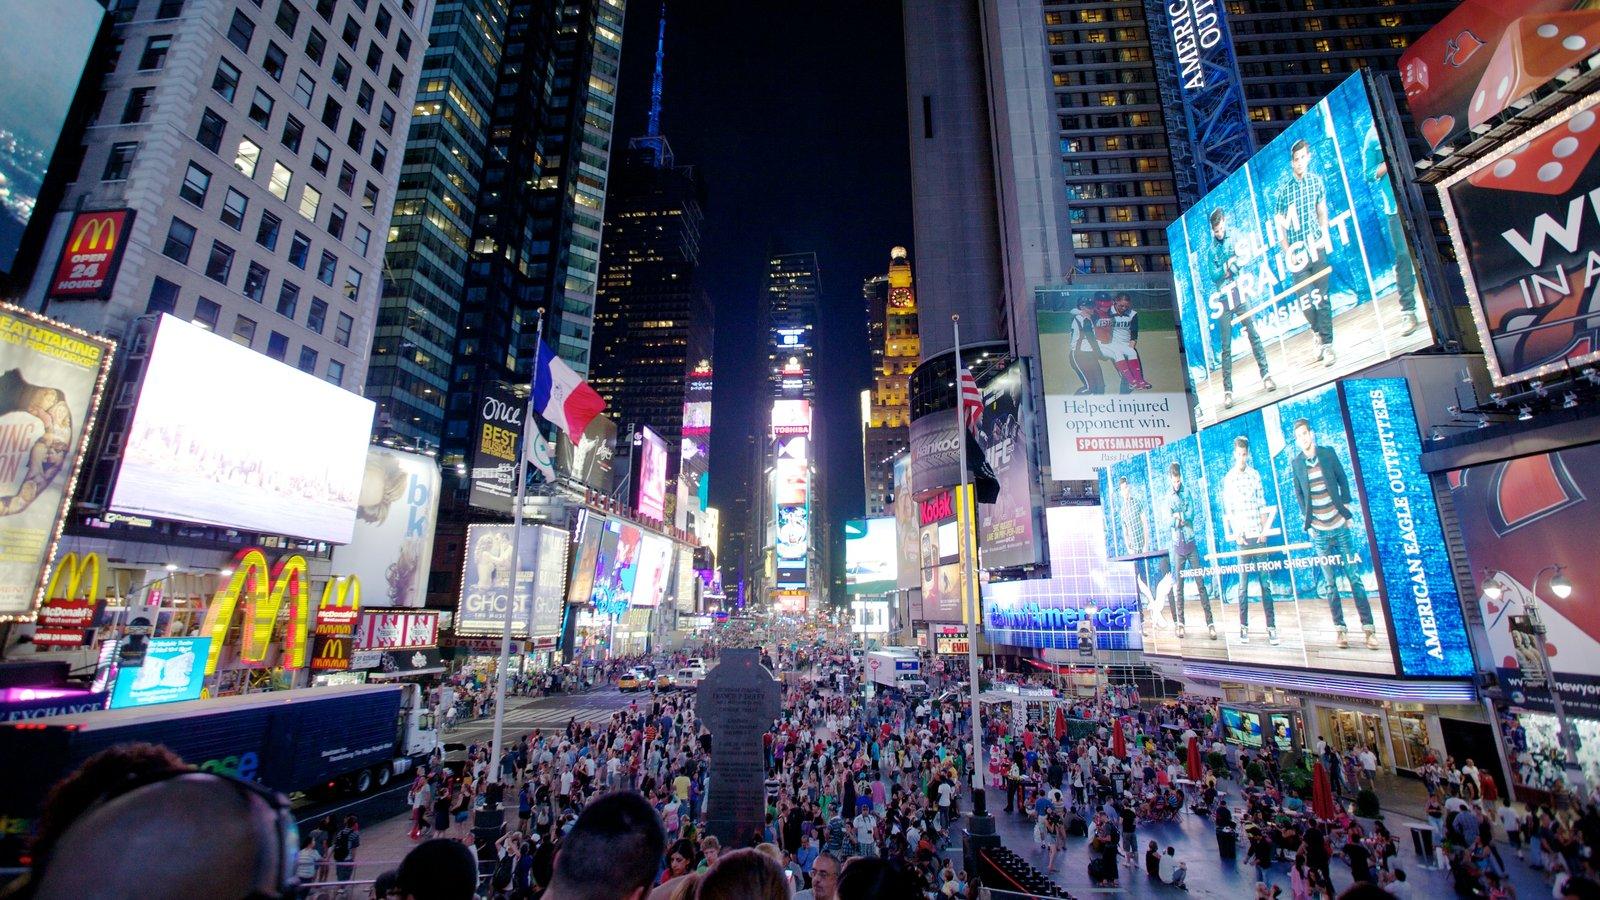 Times Square caracterizando cenas de rua, uma praça ou plaza e cenas noturnas